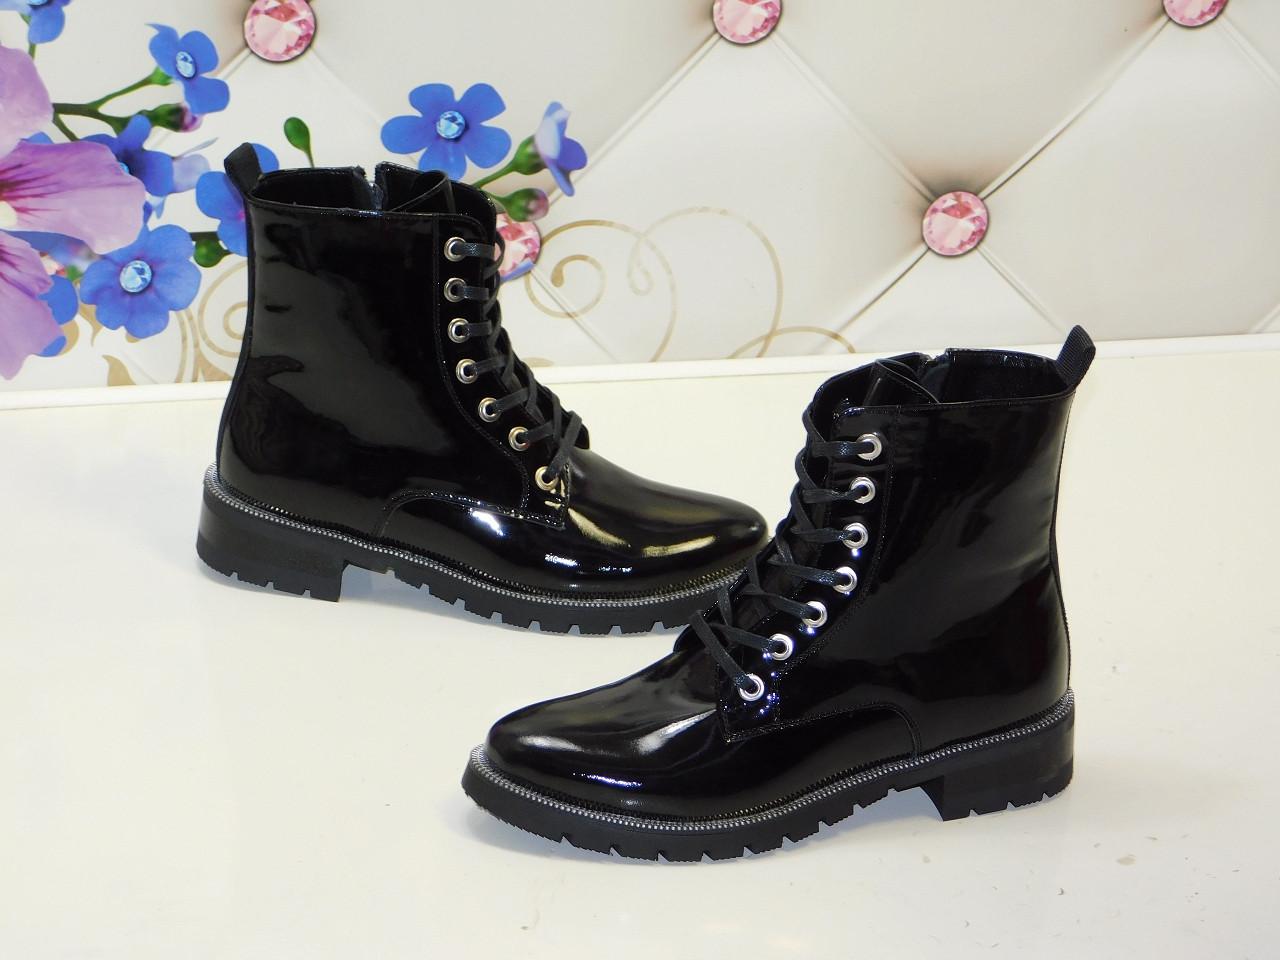 fcf32db6 Ботинки женские высокие кожаные лаковые черные демисезонные на шнуровке